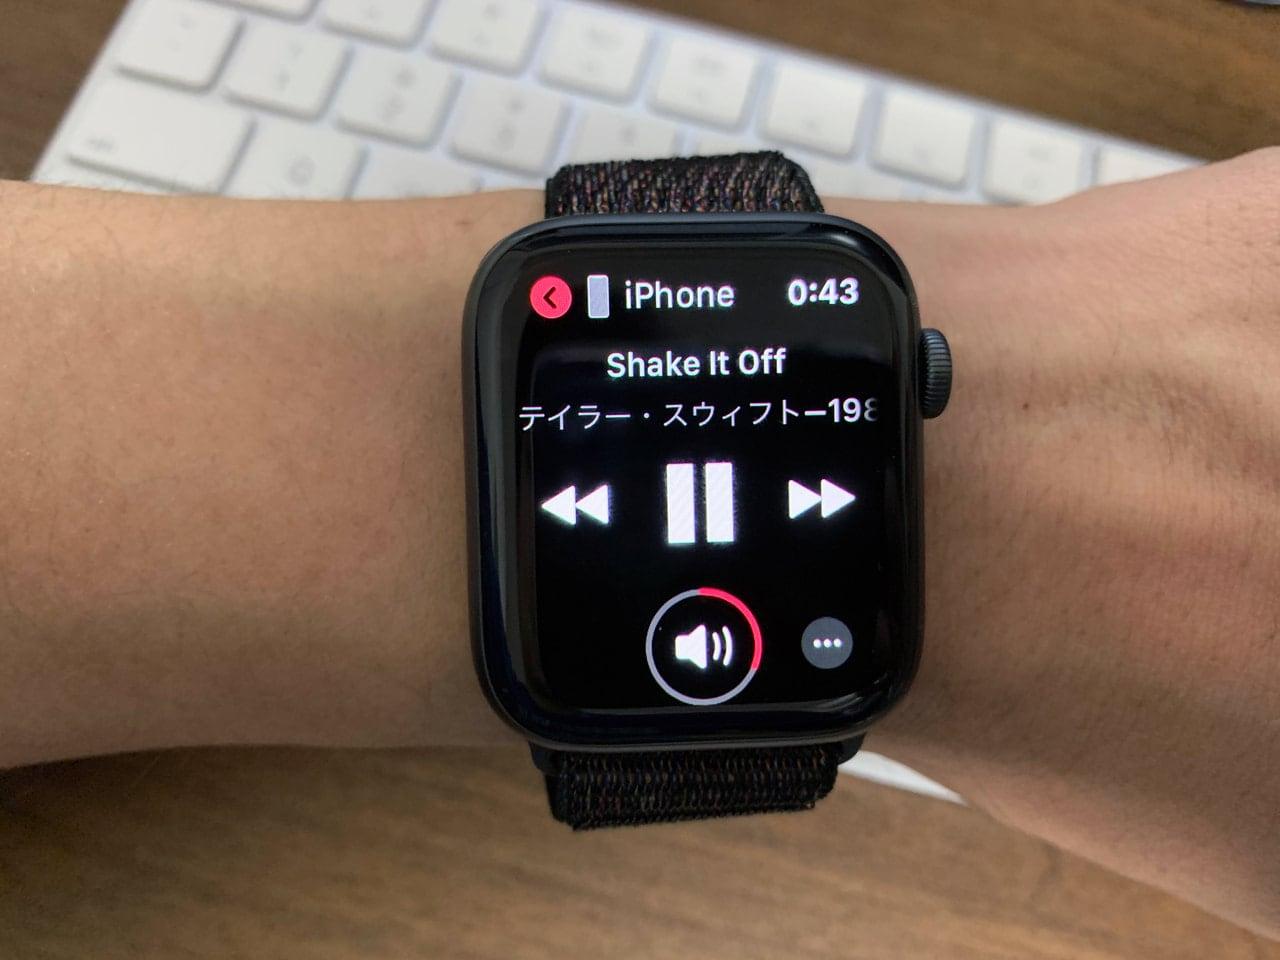 Apple Watchで操作すると便利